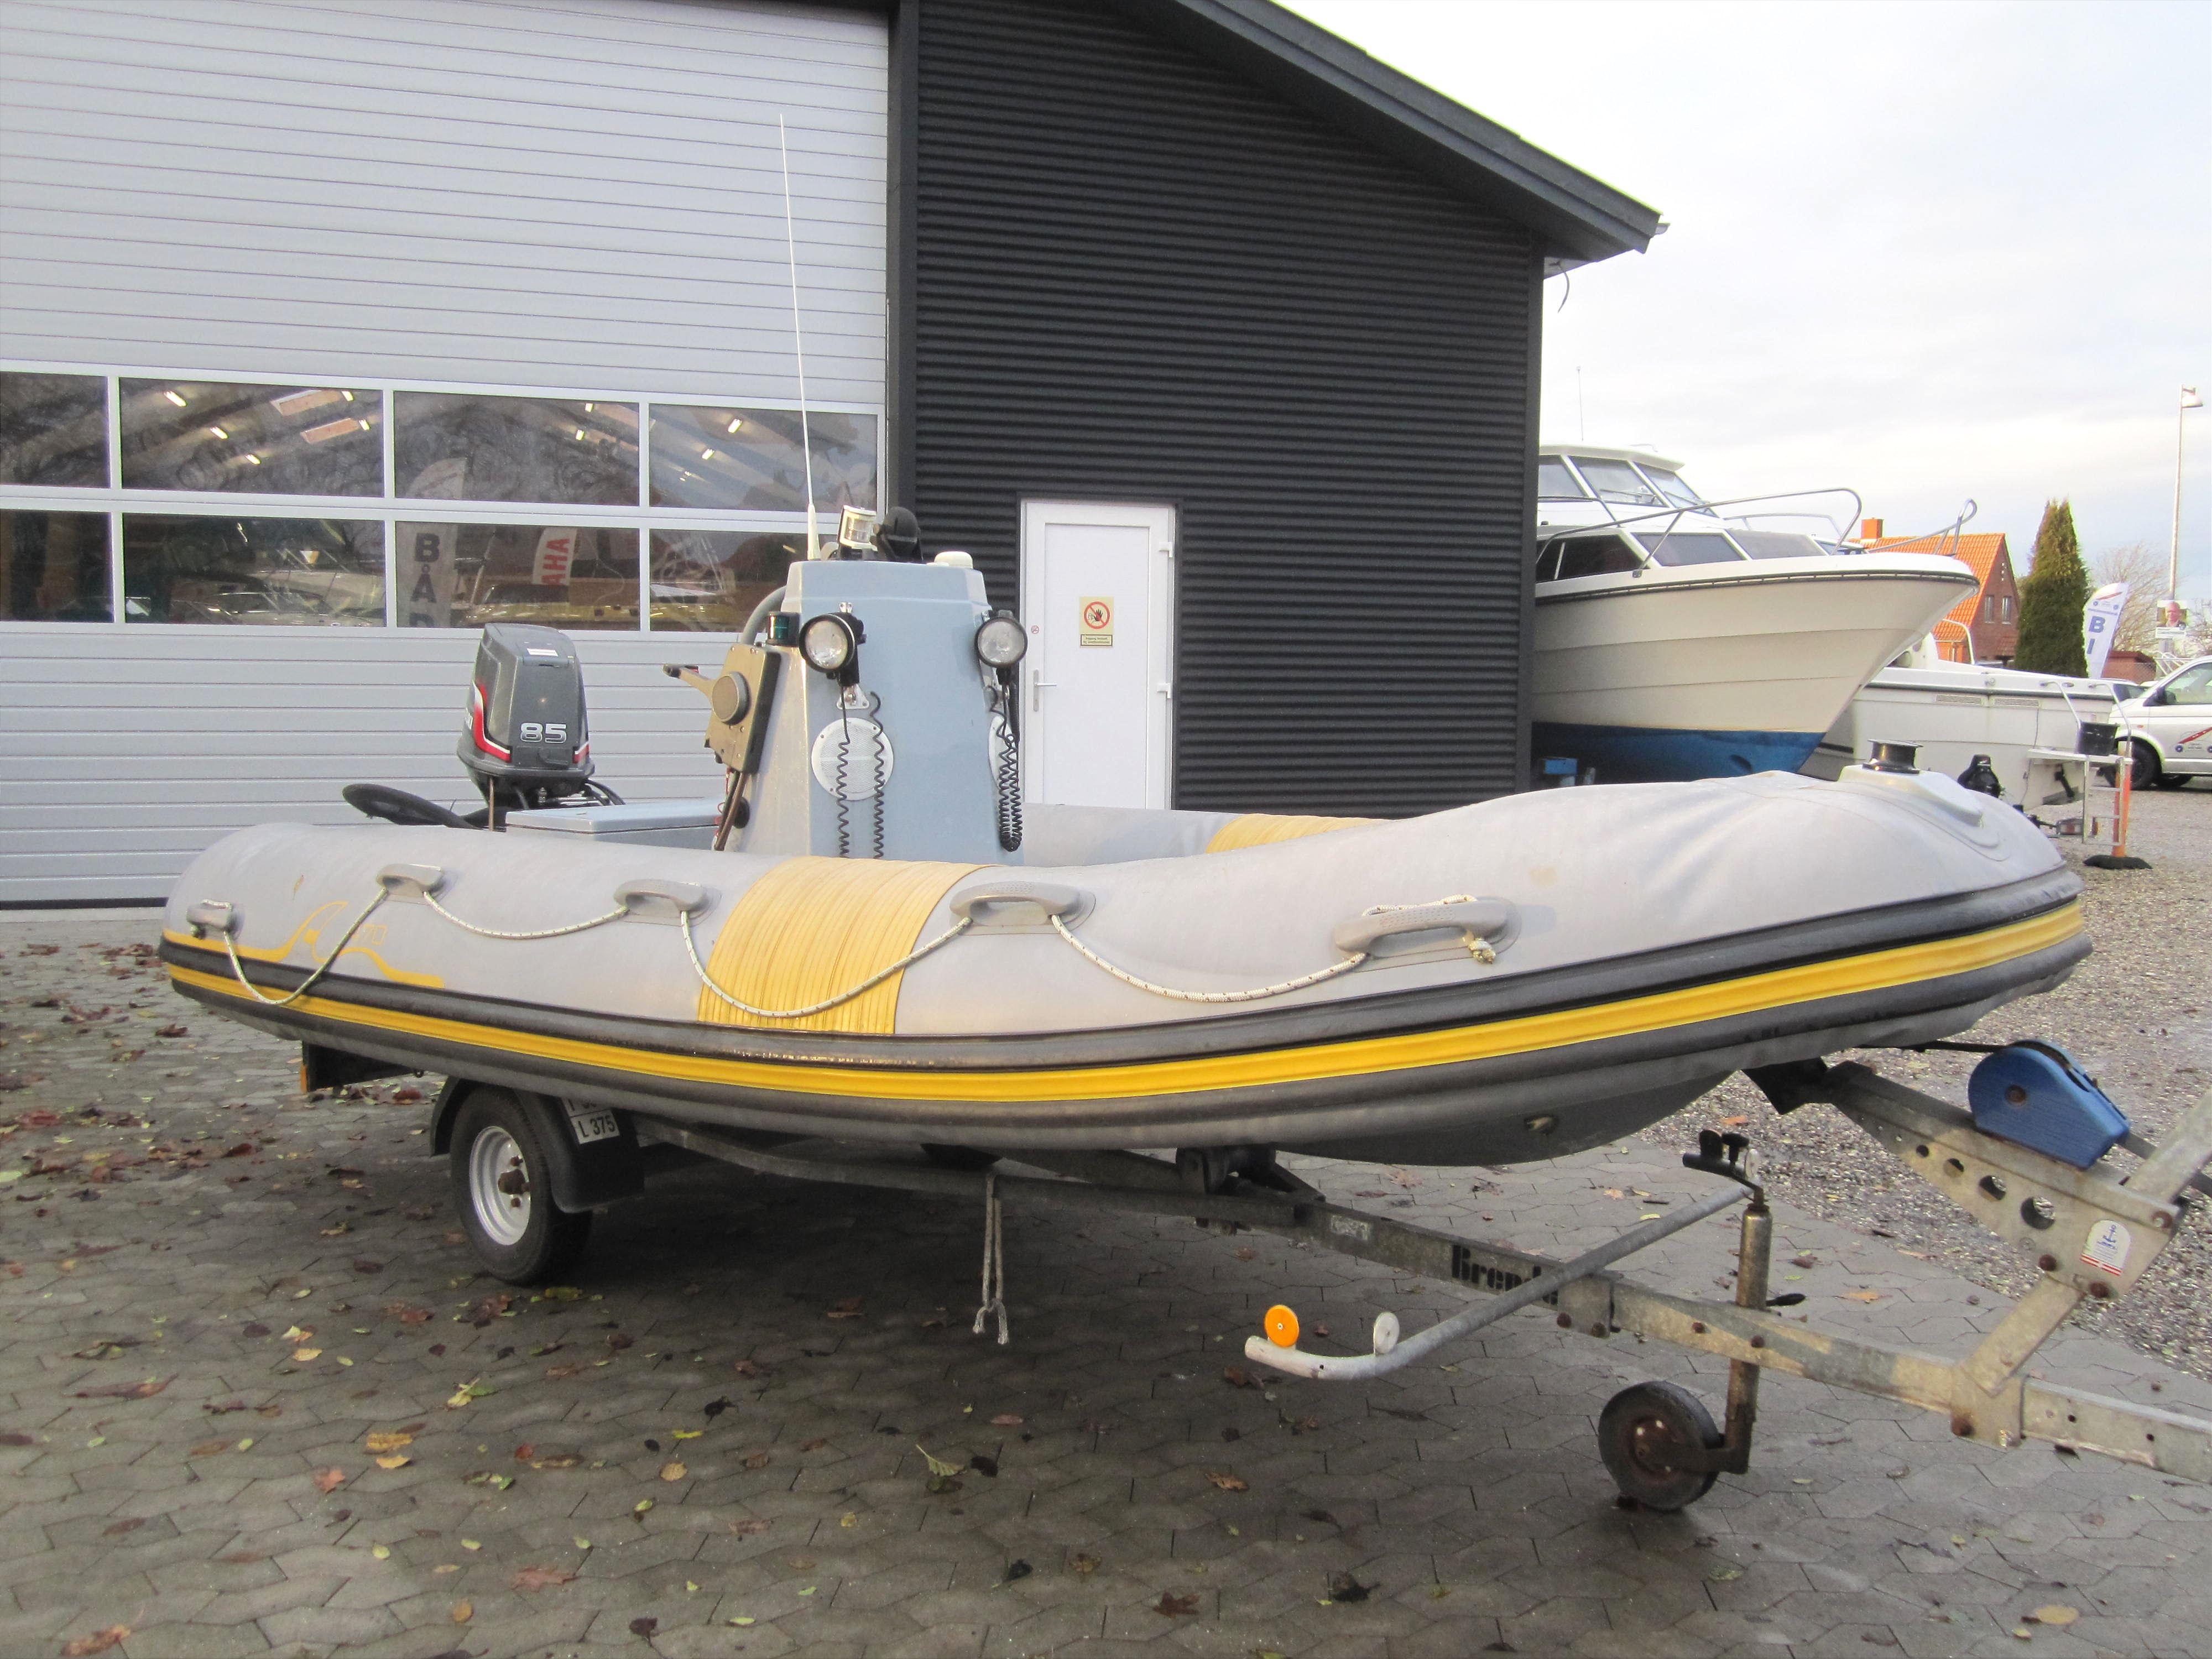 Airman Rib båd 2007 | Kenns Biler og Både | Autoværksted i Rønnede | Salg af brugt bil og båd